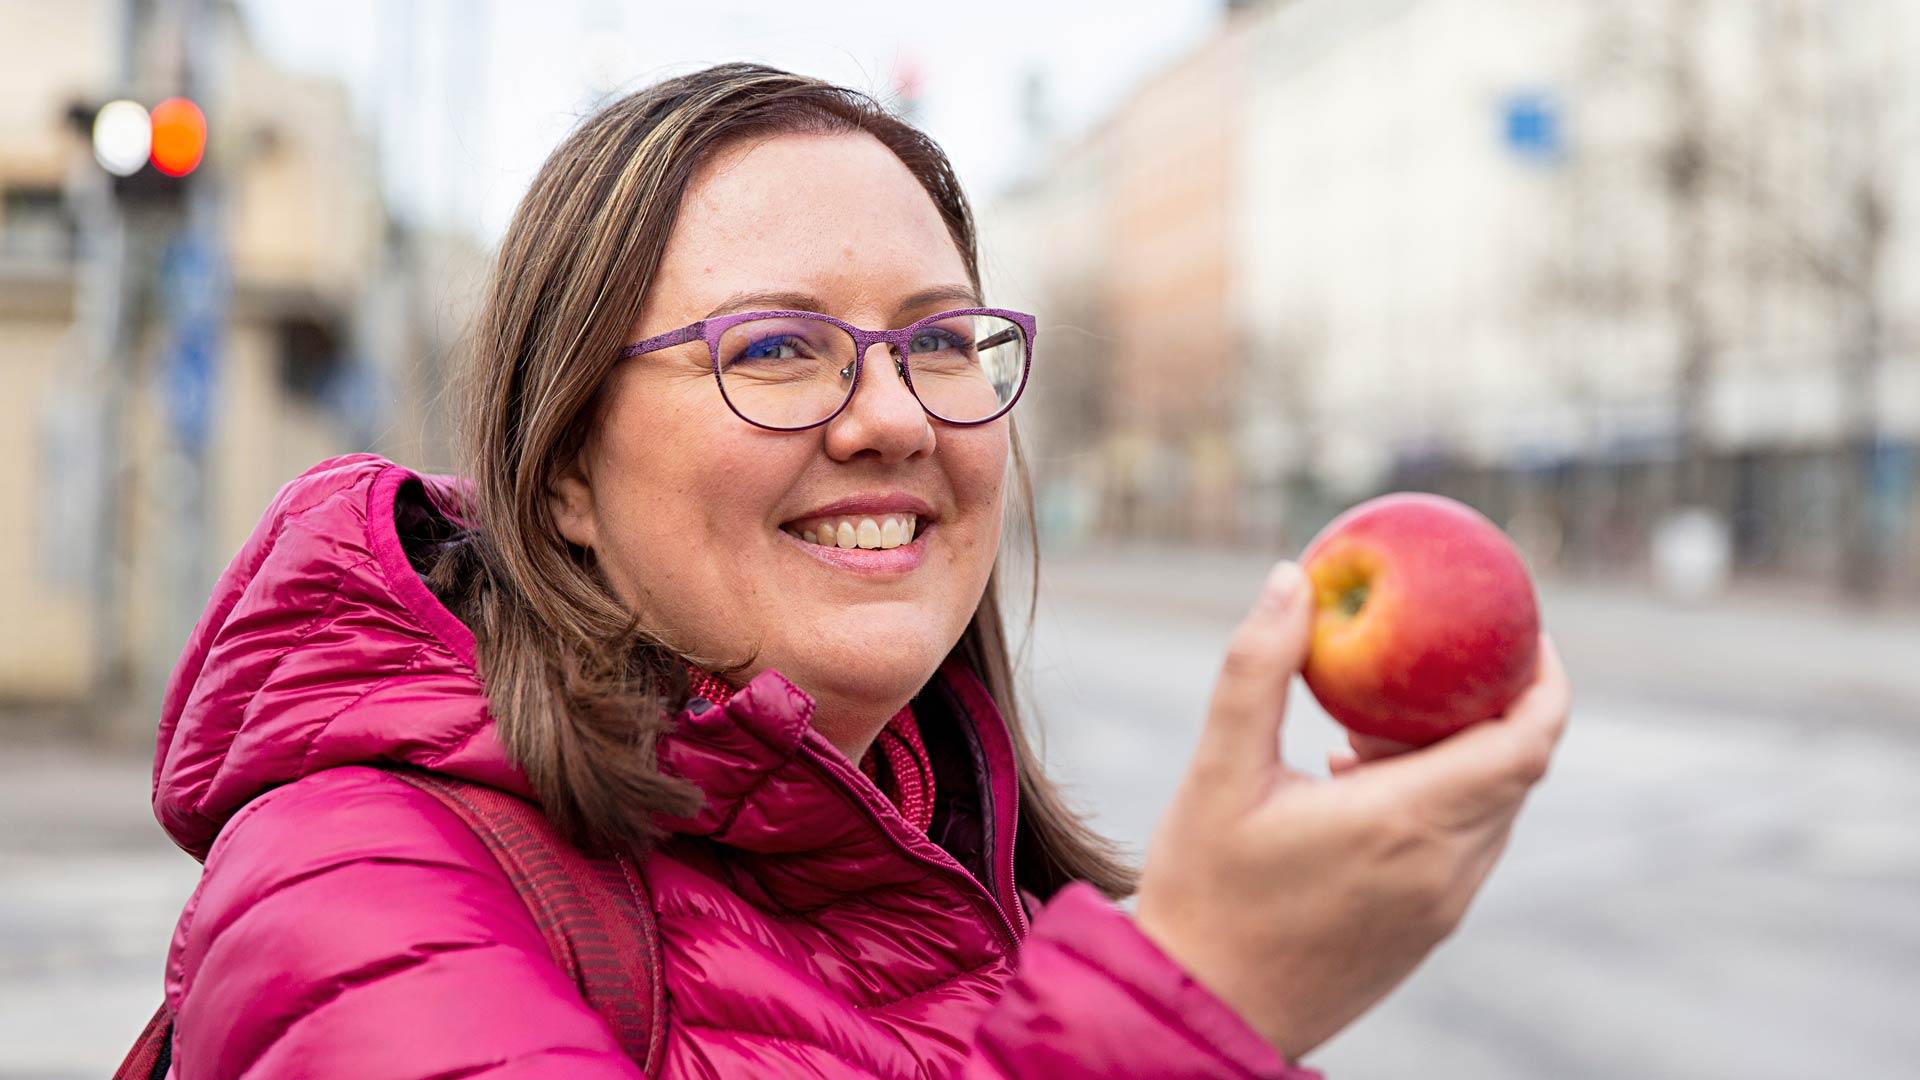 Elämäntaparemontti opetti Riitan syömään oikein. Hänen piti opetella syömään hedelmiä, marjoja ja kasviksia.